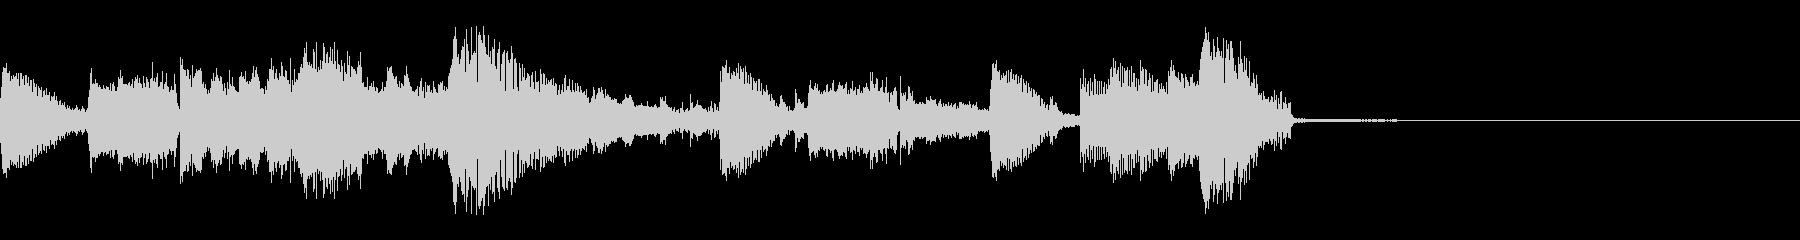 エレクトロなジングル・73の未再生の波形